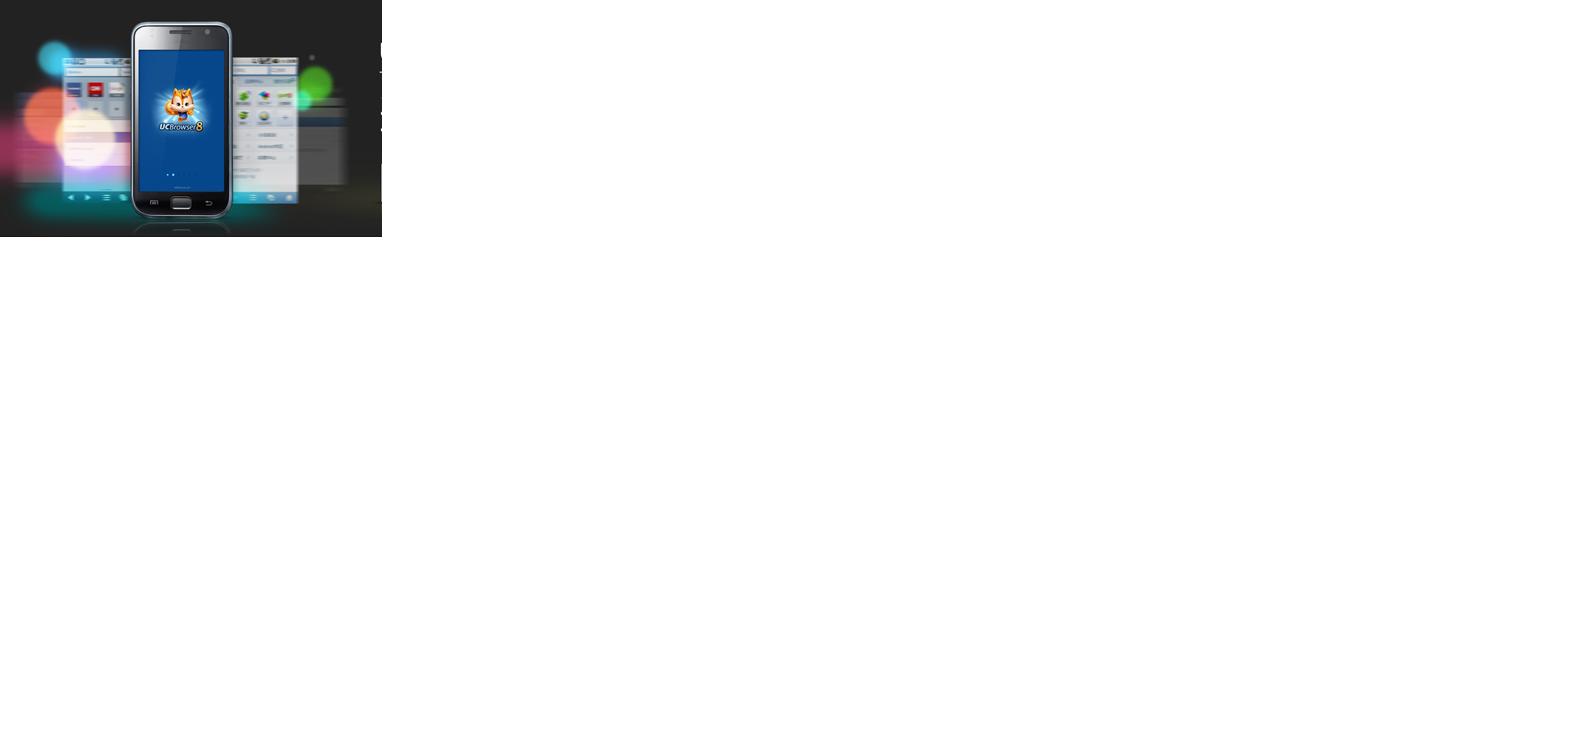 ucweb 6.3 handler apk